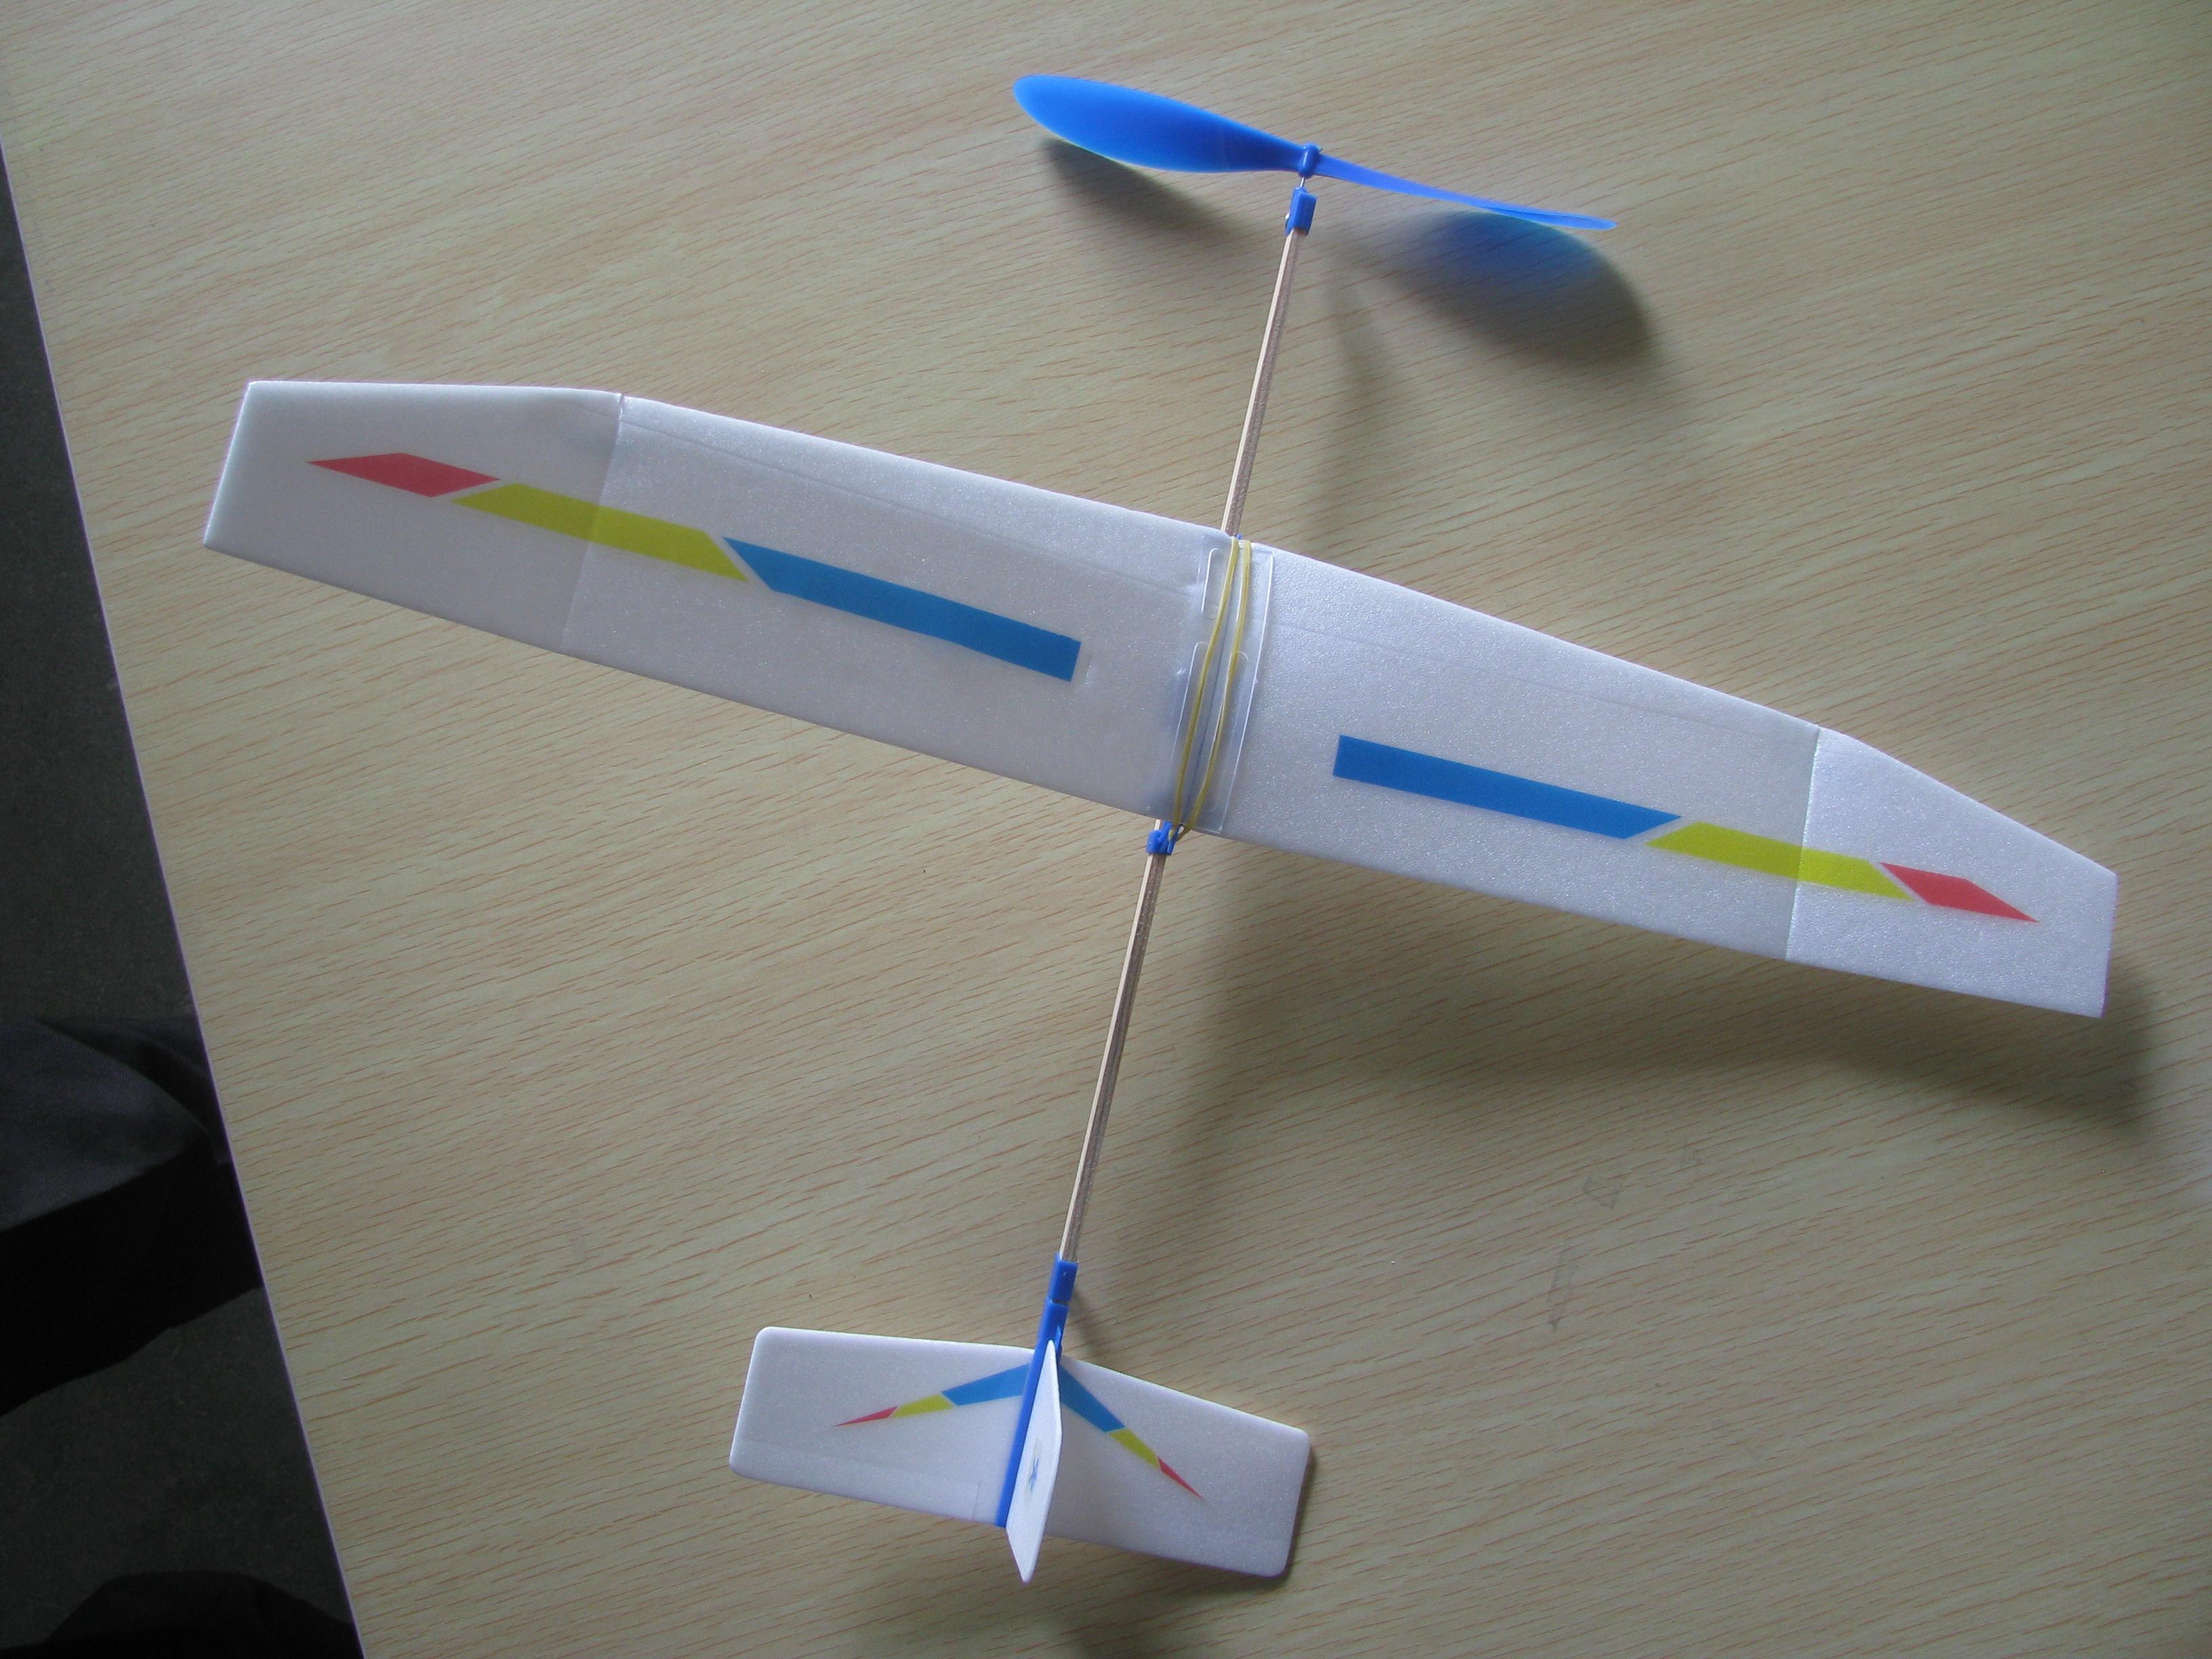 自制橡筋动力模型飞机